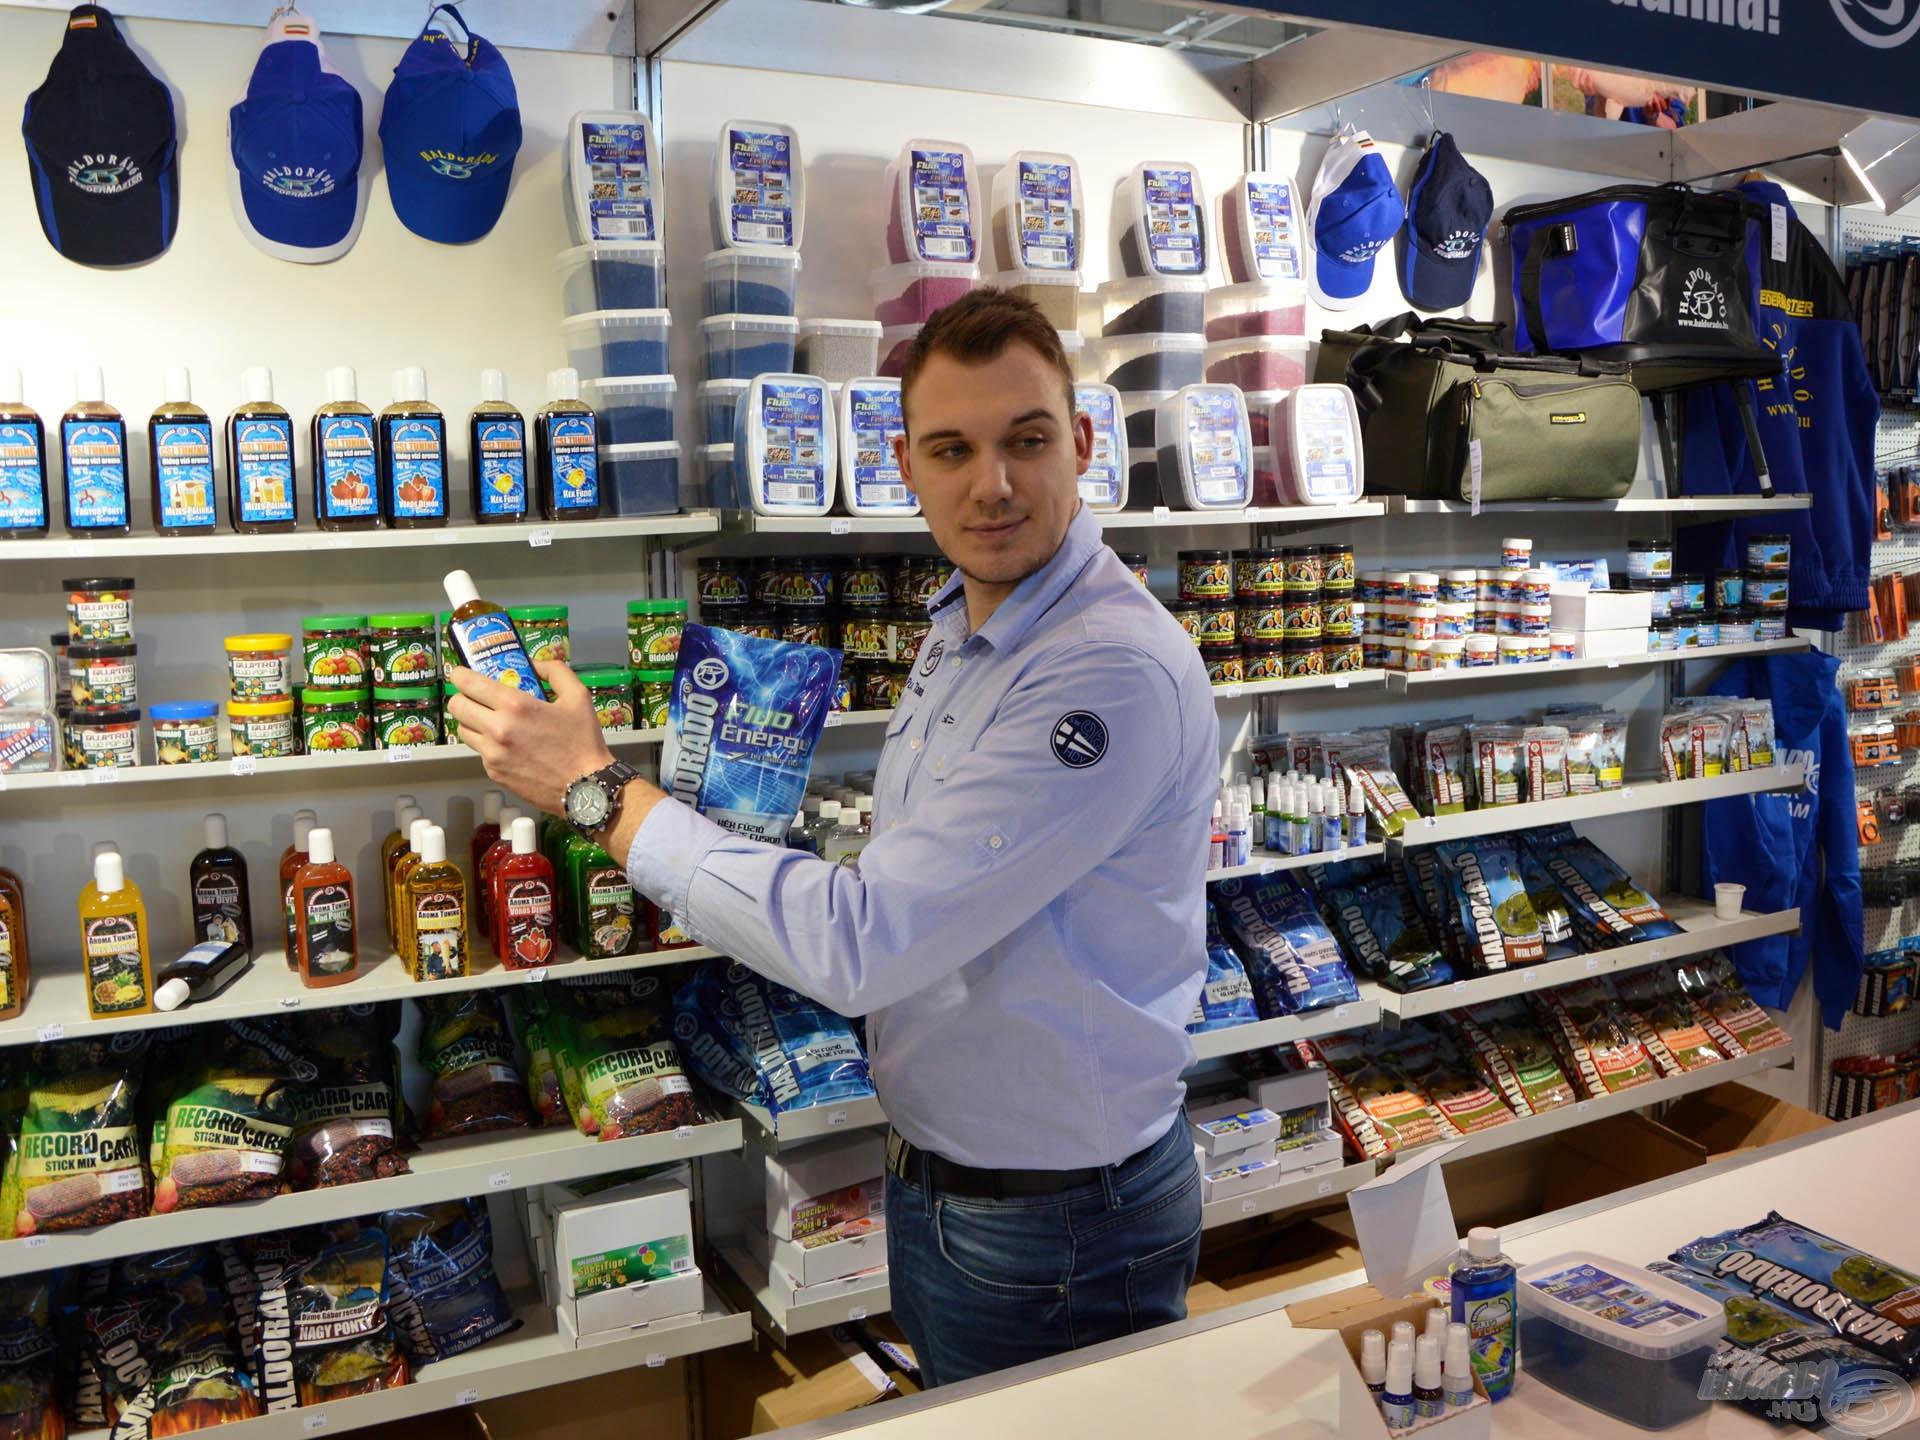 Biztosra veszem, hogy sok kísérletező kedvű horgászt segítenek hozzá különleges fogásokhoz a Kék Fúzió termékek 2017-ben